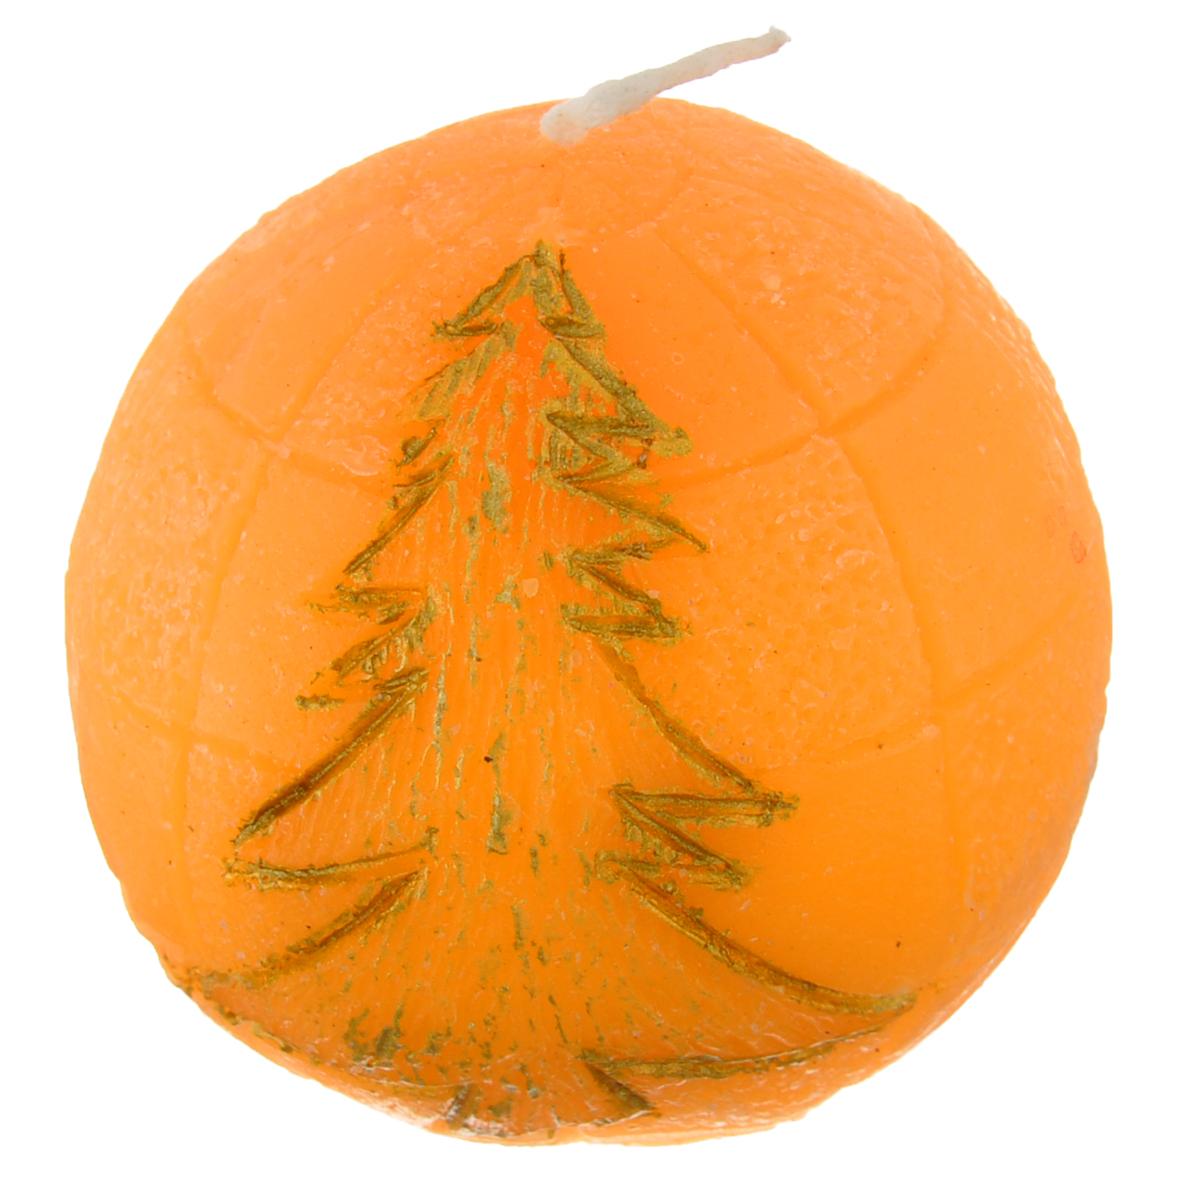 Свеча декоративная Lunten Ranta Подарок, цвет: оранжевый, диаметр 5 см65939_оранжевыйСвеча декоративная Lunten Ranta Подарок выполнена из парафина. Изделие в виде шара с изображением елочки отличается ярким дизайном, который понравится всем. Создайте для себя и своих близких незабываемую атмосферу праздника и уюта в доме.